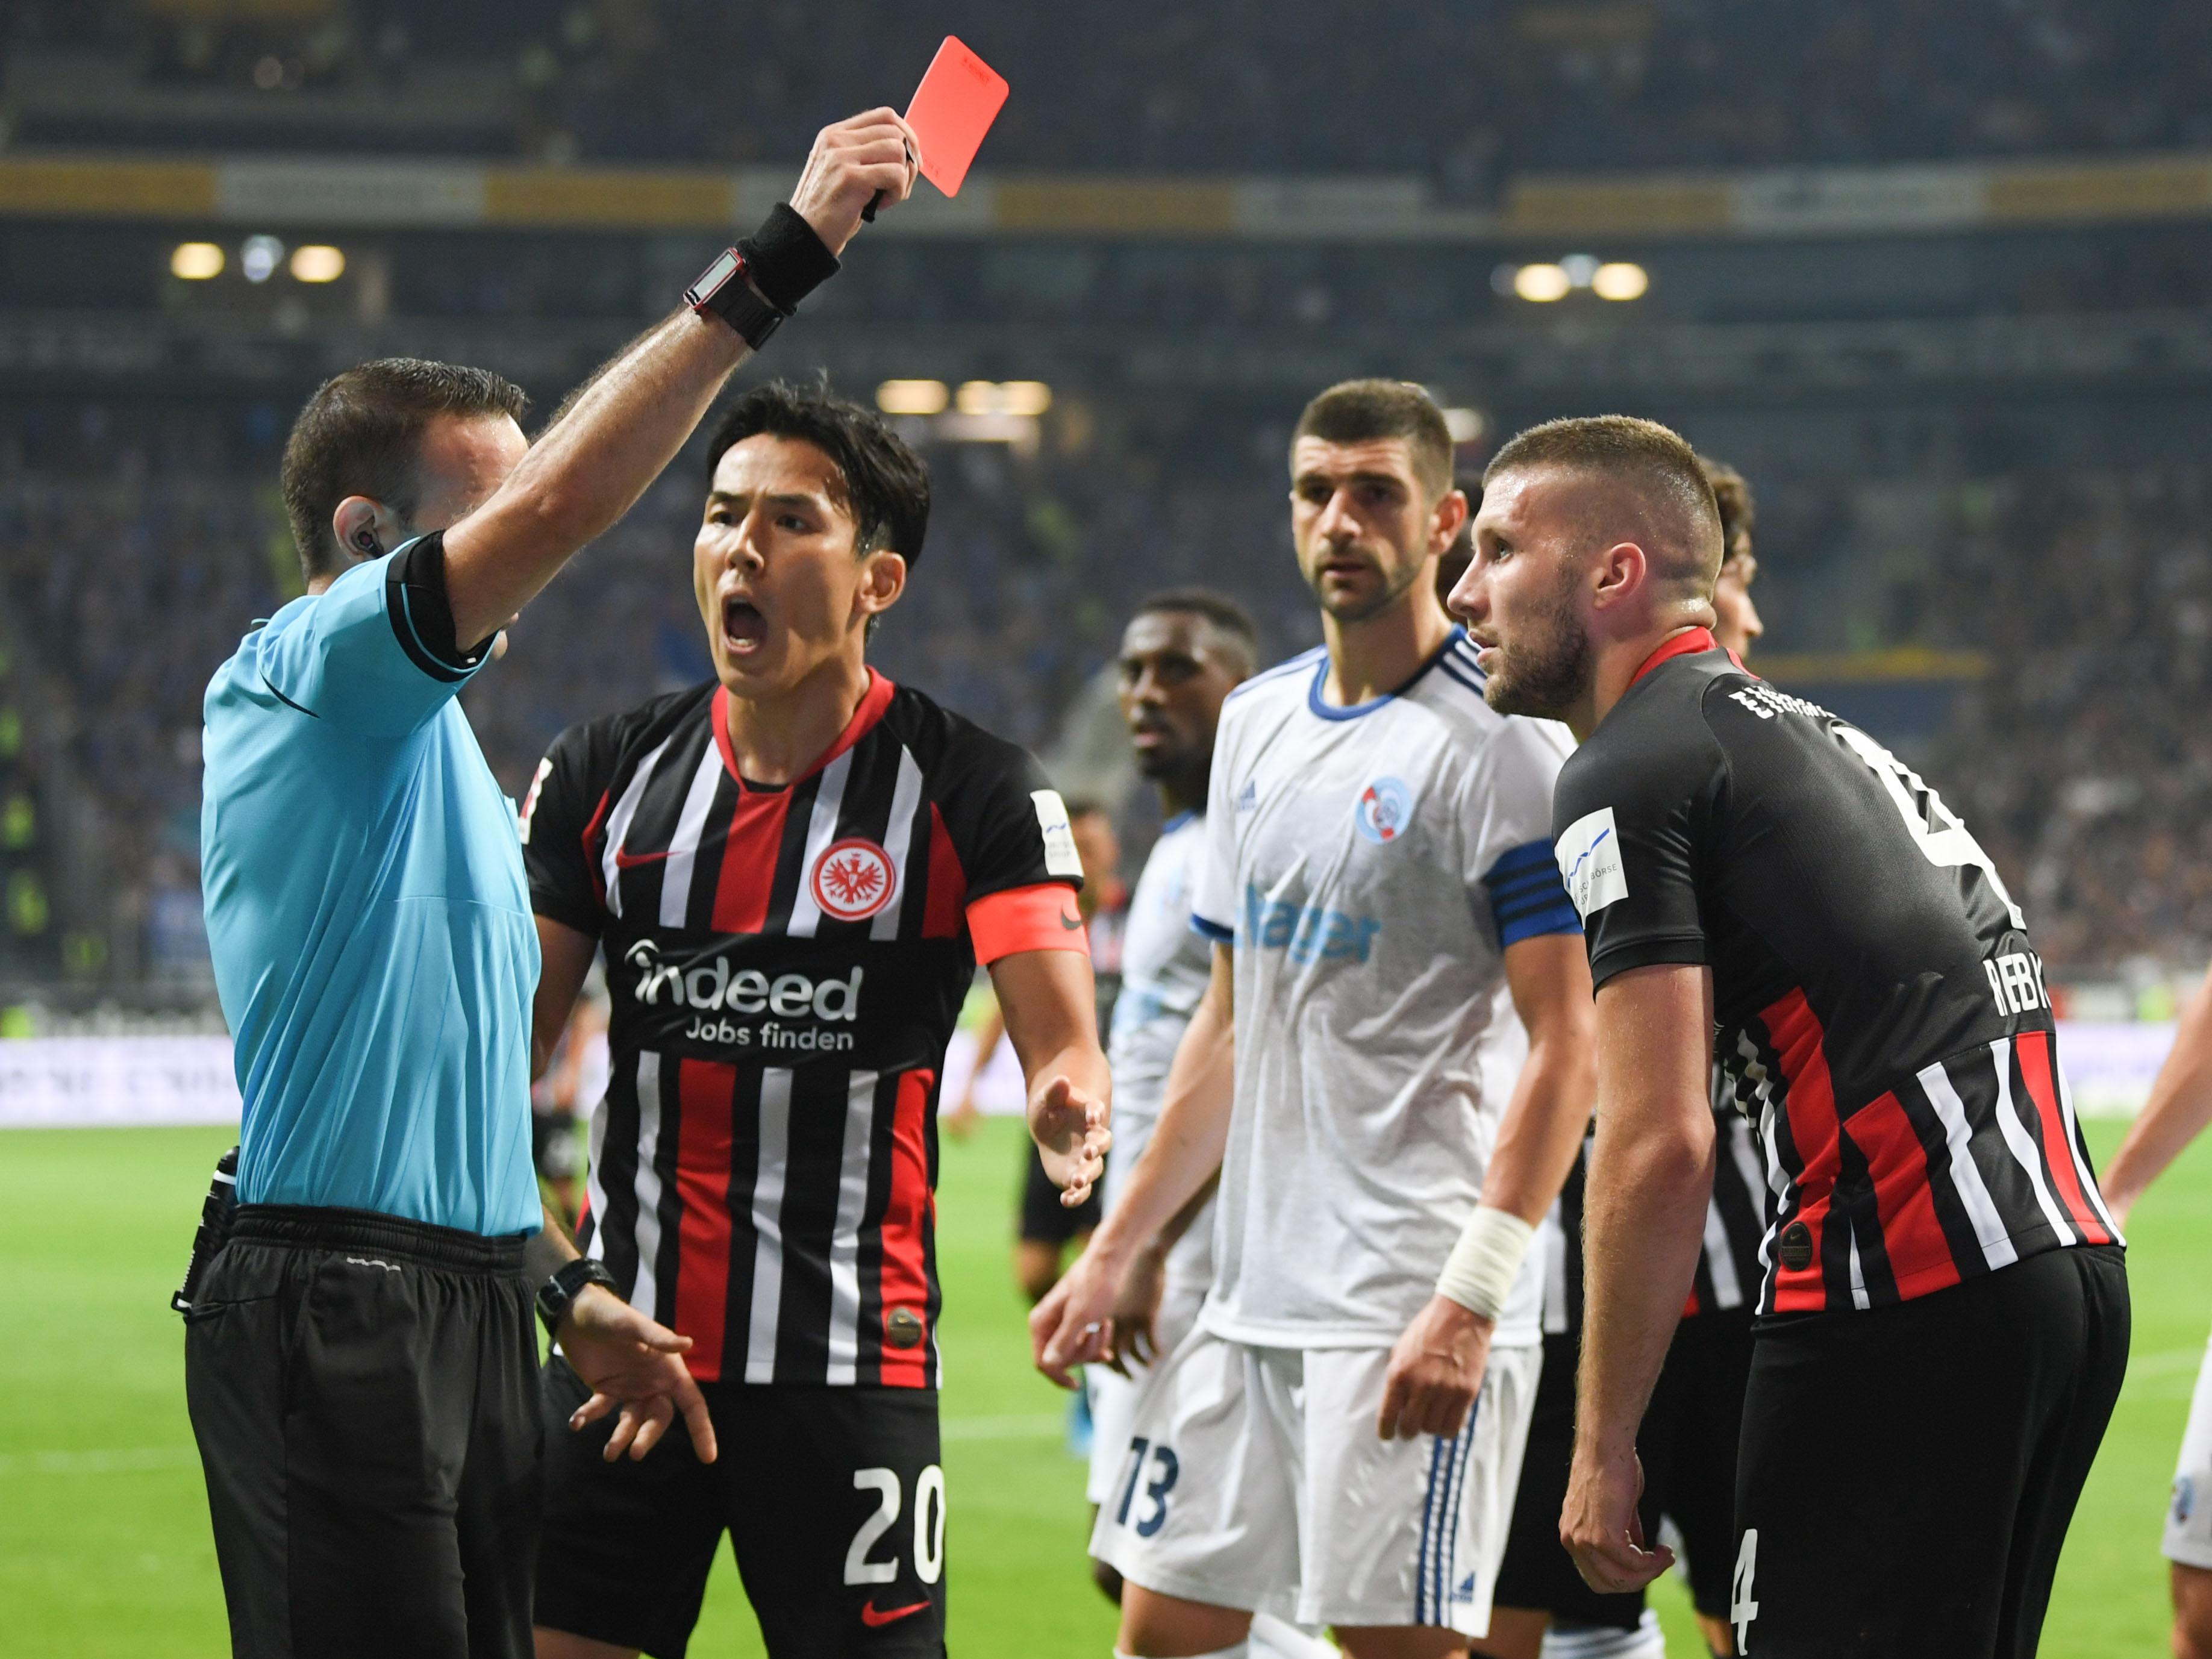 Ante Rebic, damals noch bei Eintracht Frankfurt, sah im Spiel gegen Straßburg die rote Karte. Er wurde jetzt von der UEFA für fünf Spiele gesperrt.